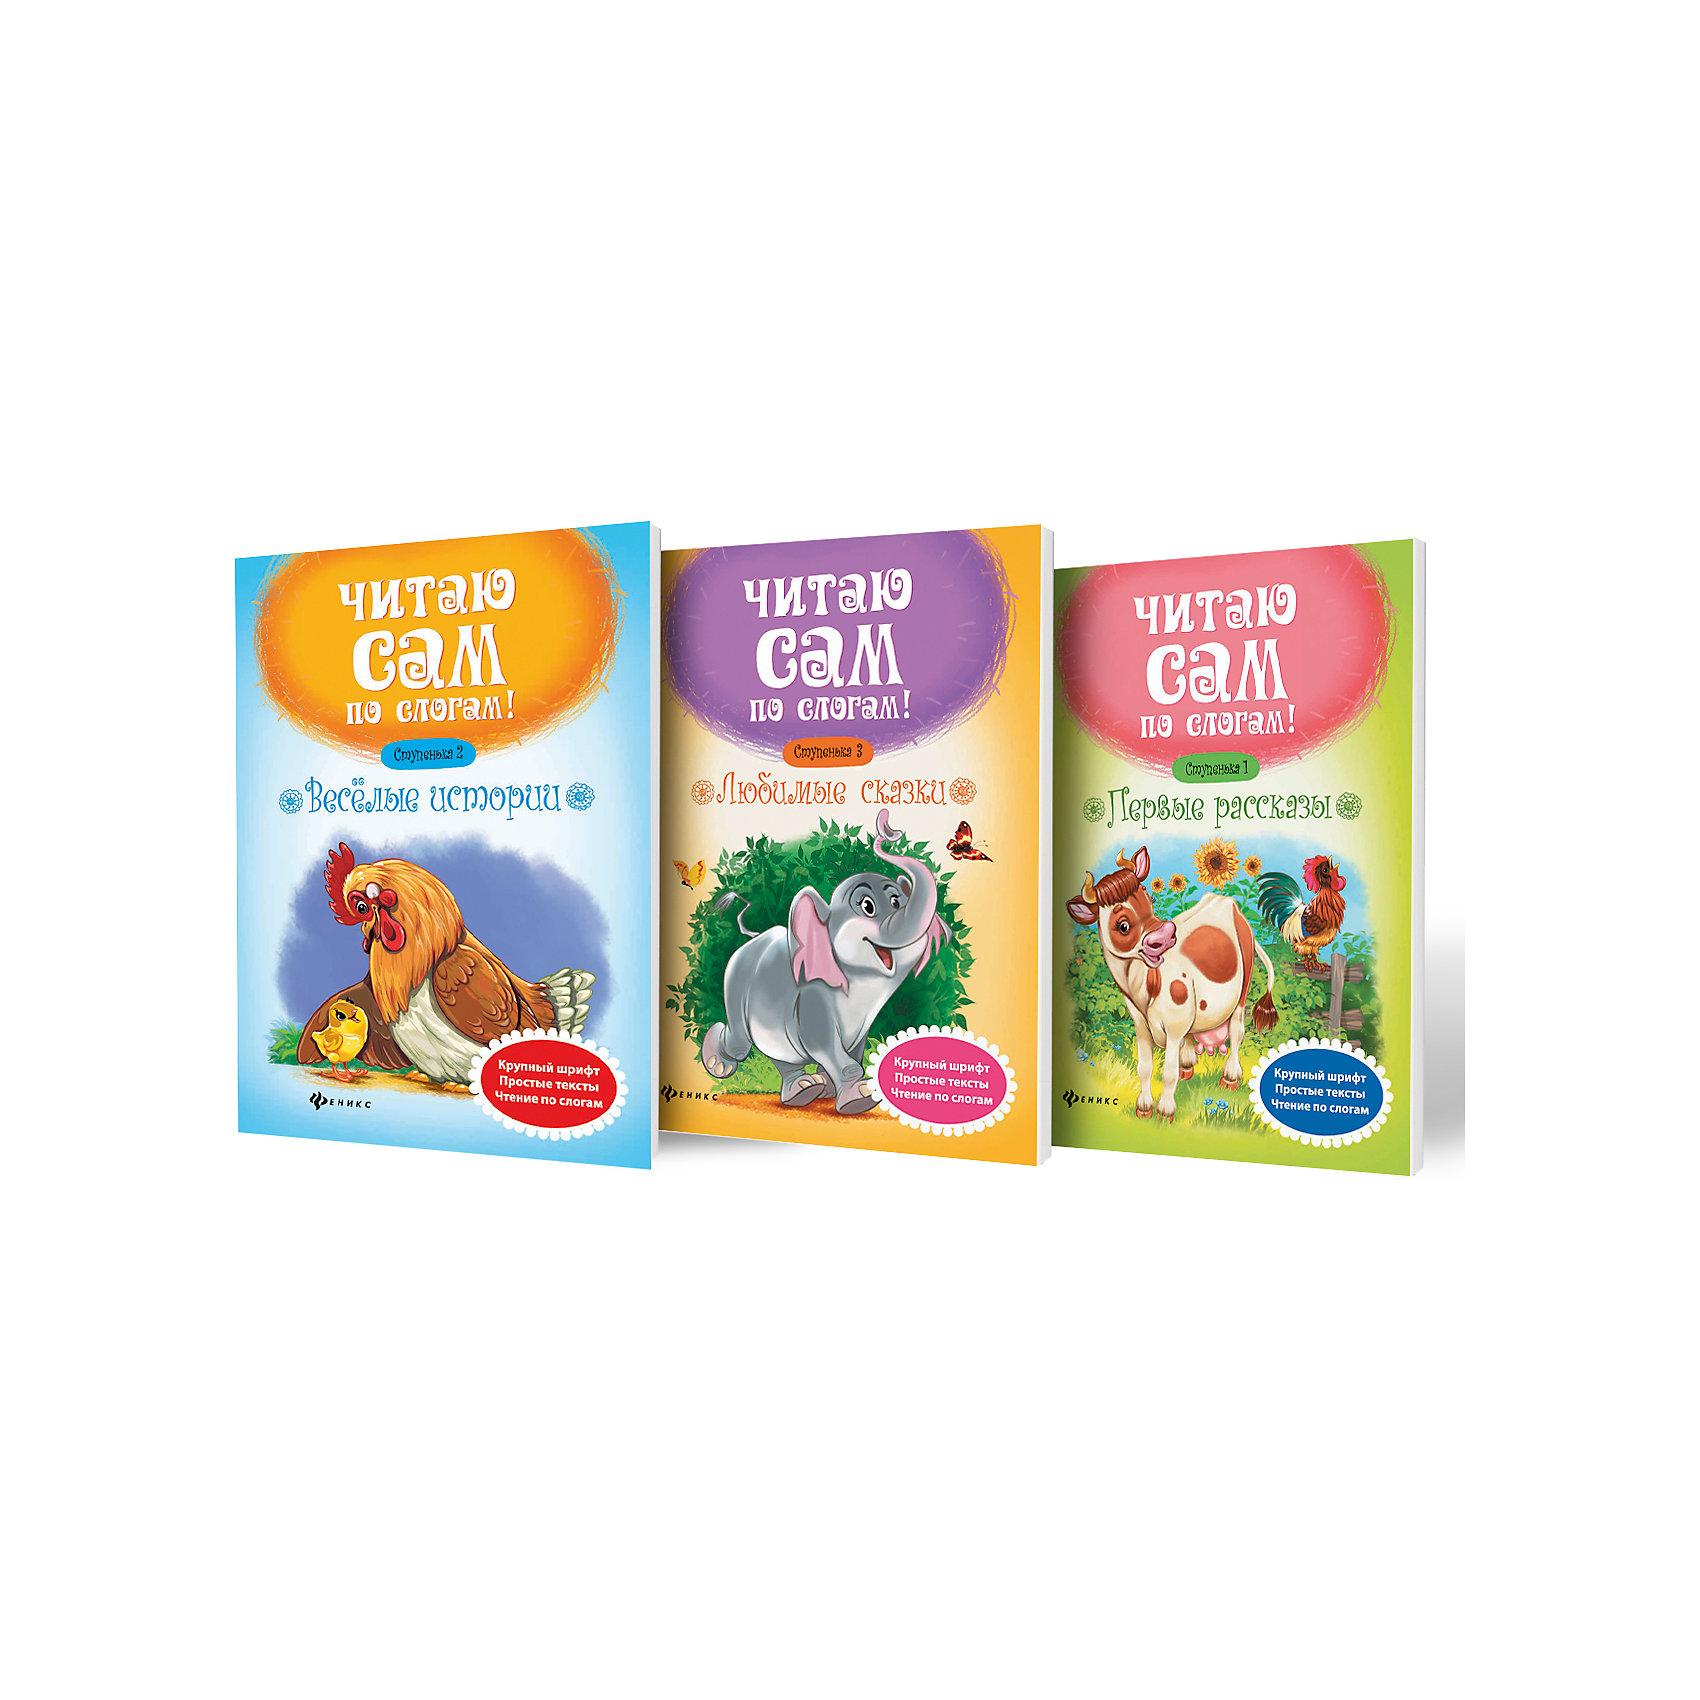 Комплект книжек для первого чтения Читаем по ступенькамКниги для развития речи<br>Характеристики:<br><br>• ISBN: 978-5-222-29037-8;<br>• ISBN: 978-5-222-29035-4;<br>• ISBN: 978-5-222-29036-1;<br>• возраст: с 2 лет;<br>• формат: 60х84/8;<br>• бумага: офсет;<br>• тип обложки: мягкий переплет (крепление скрепкой или клеем);<br>• иллюстрации: цветные;<br>• серия: Читаю сам по слогам;<br>• издательство: Феникс, 2017 г.;<br>• автор: Разумовская Юлия;<br>• художник: Есаулов Илья;<br>• количество страниц в книге: 16;<br>• размеры книги: 29,1х20,6 х0,1 см;<br>• масса книги: 66 г.<br><br>В набор входит 3 книжки: <br><br>• «Первые рассказы»;<br>• «Веселые истории»;<br>• «Любимые сказки».<br><br>Красочные книги с цветными иллюстрациями помогут мальчикам и девочкам научиться читать. Серия книг подобрана по системе трех ступеней, когда задания даются от простого к сложному. <br><br>Крупный шрифт, специальное деление слов на слоги и короткие слова предназначены для самых маленьких читателей.<br><br>Набор книг «Первые рассказы + Веселые истории + Любимые сказки», Разумовская Ю., Феникс, можно купить в нашем интернет-магазине.<br><br>Ширина мм: 291<br>Глубина мм: 205<br>Высота мм: 30<br>Вес г: 564<br>Возраст от месяцев: 24<br>Возраст до месяцев: 2147483647<br>Пол: Унисекс<br>Возраст: Детский<br>SKU: 6873694